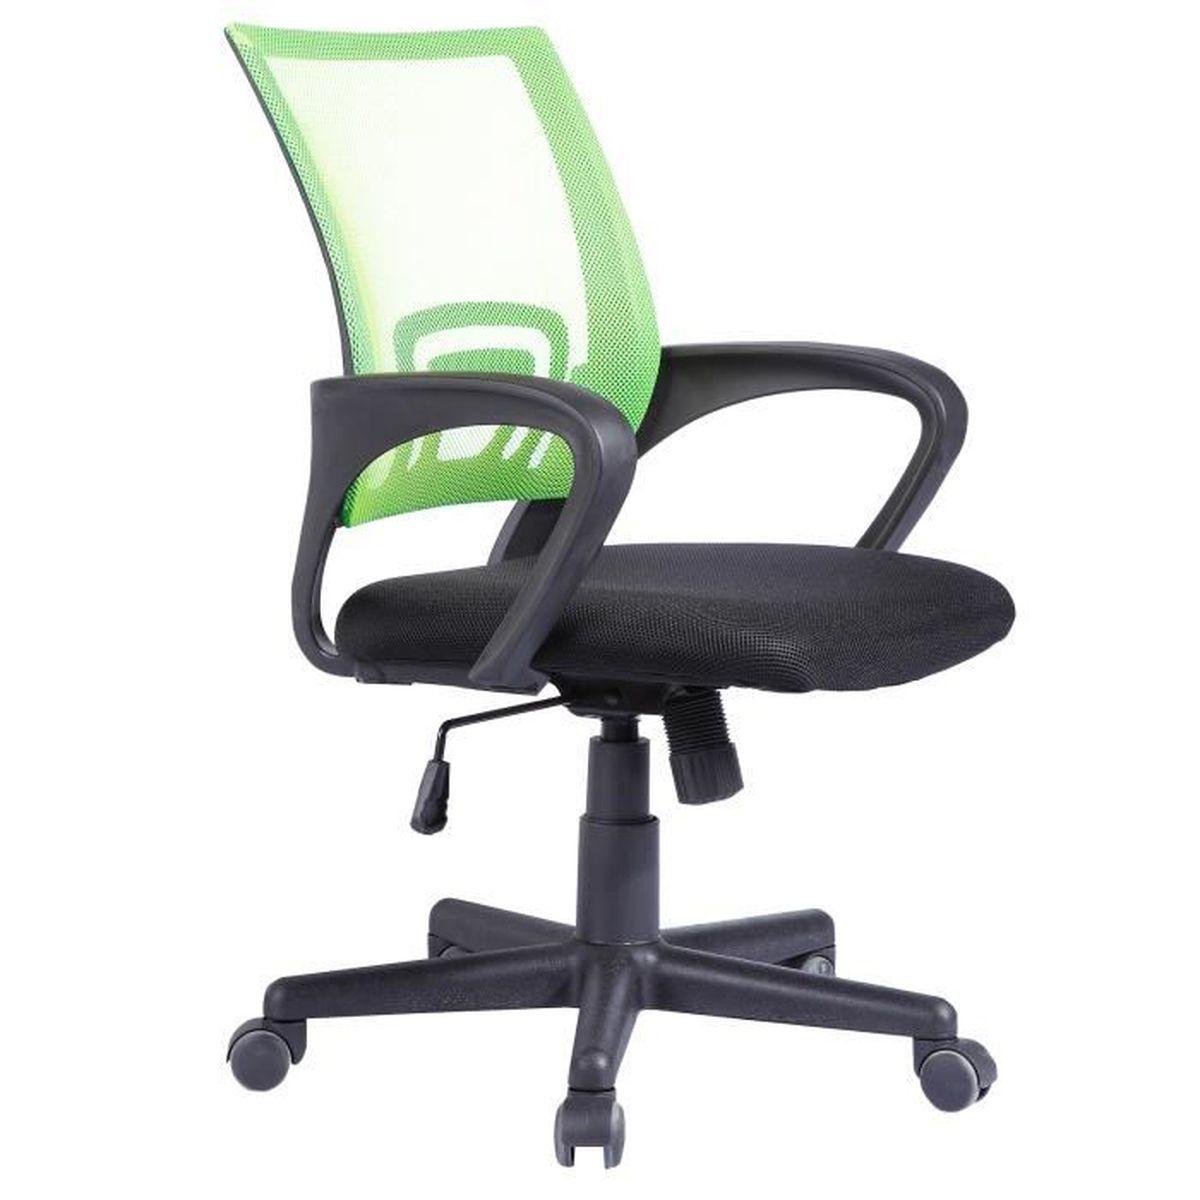 chaise haute de bureau bureau en bois ikea avec chaise de. Black Bedroom Furniture Sets. Home Design Ideas